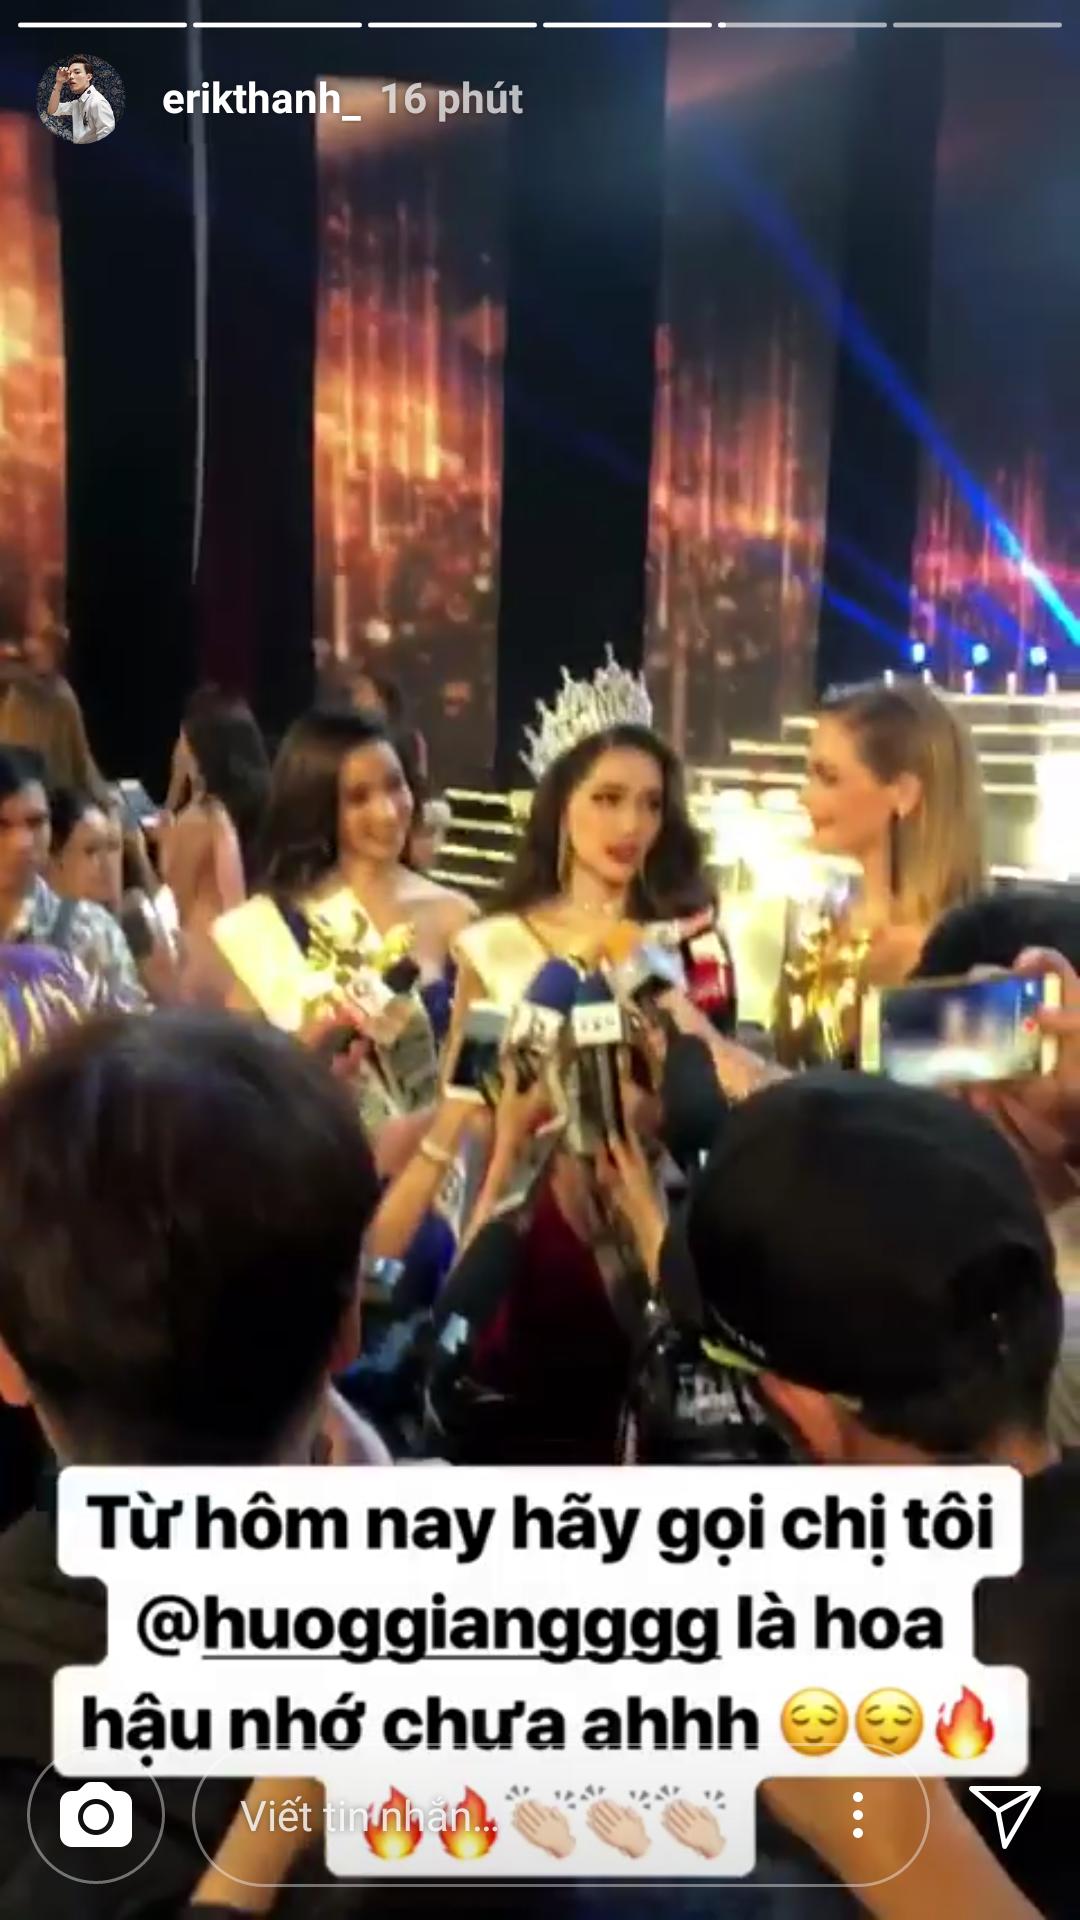 Hương Giang xuất sắc đăng quang Hoa hậu, dàn sao Việt đồng loạt gửi lời chúc mừng - Ảnh 4.